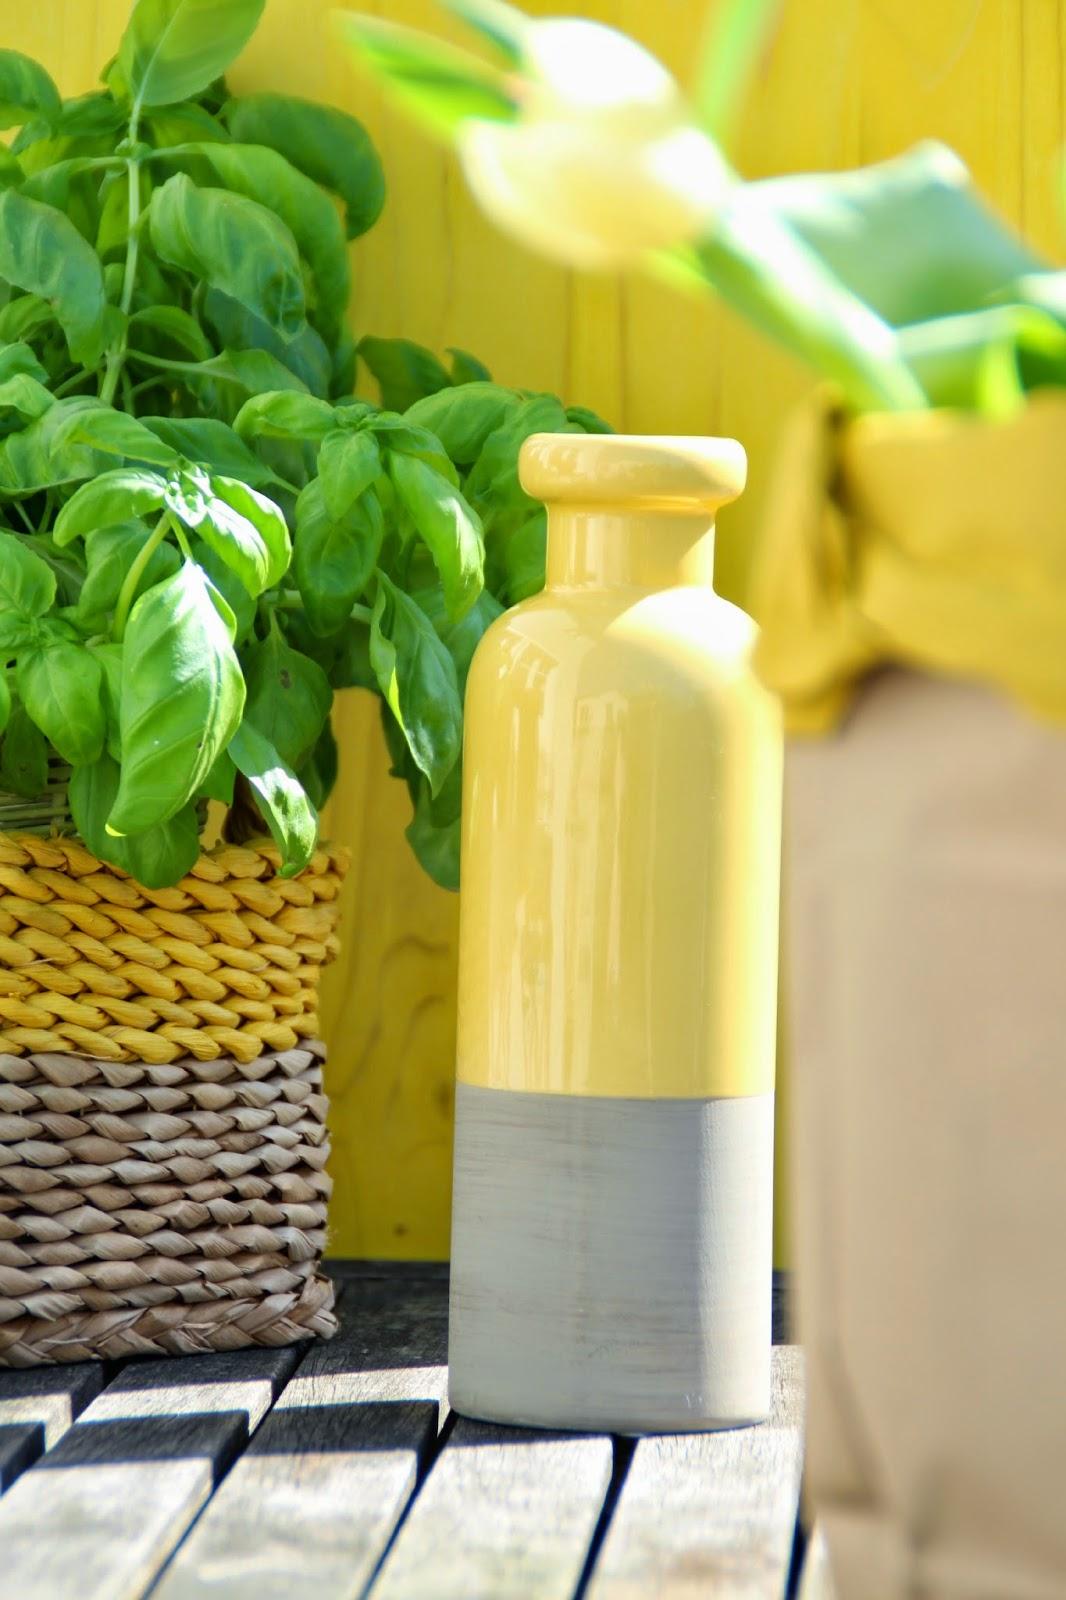 Gelbe Vase mit betonfarbenem Boden und Basilikum in Sisalkorb